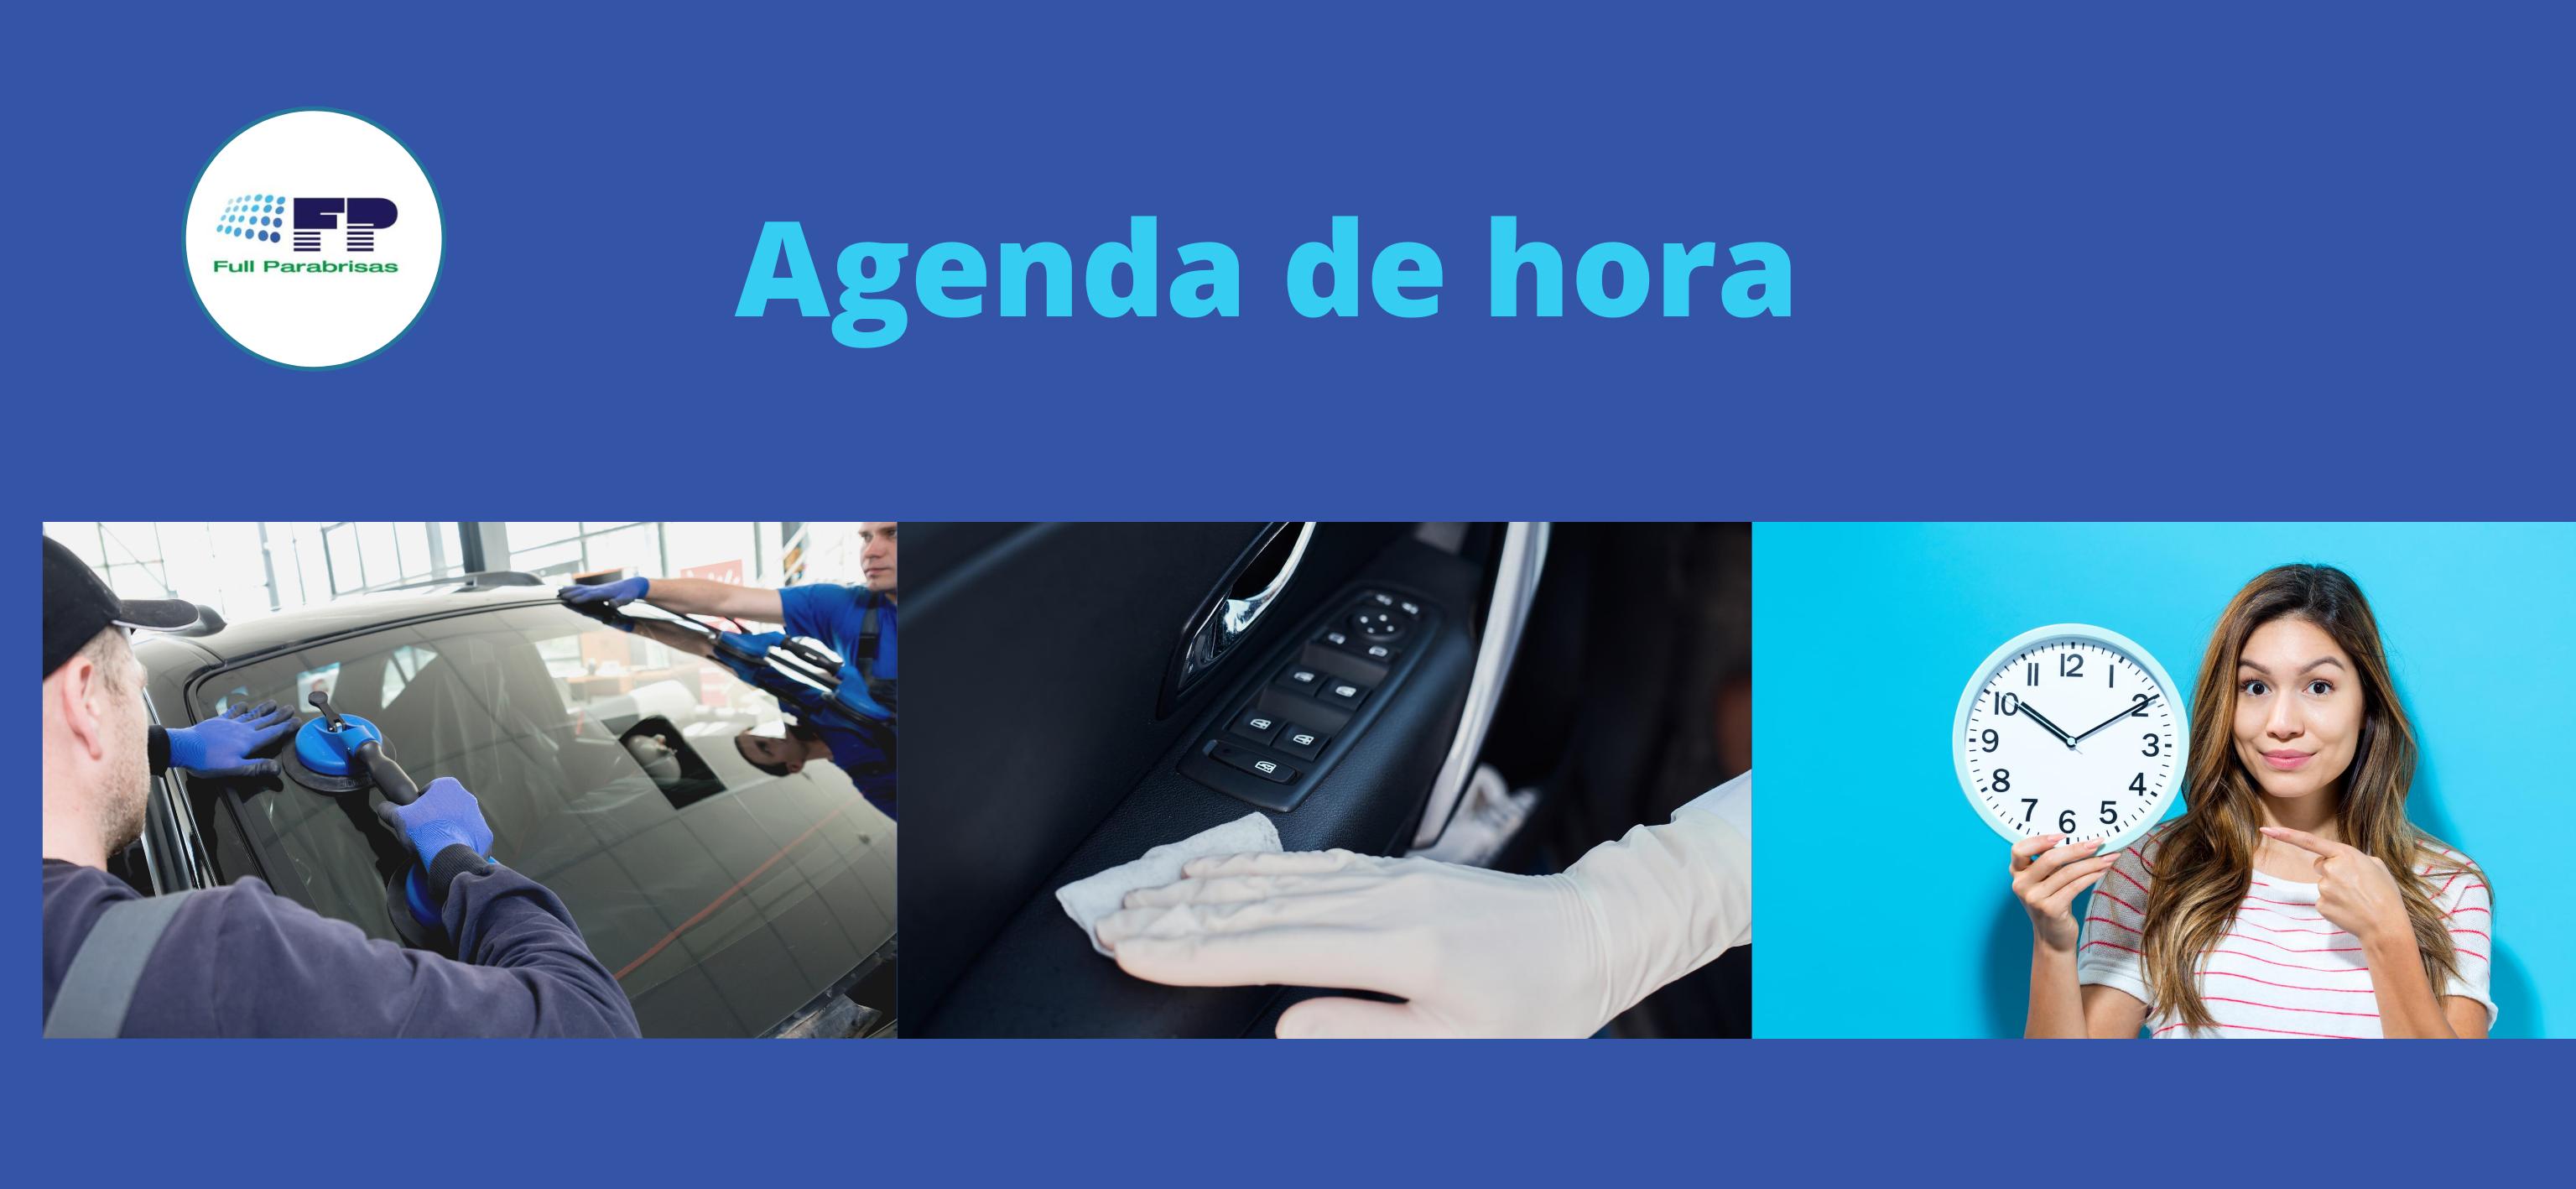 AGENDA DE HORA